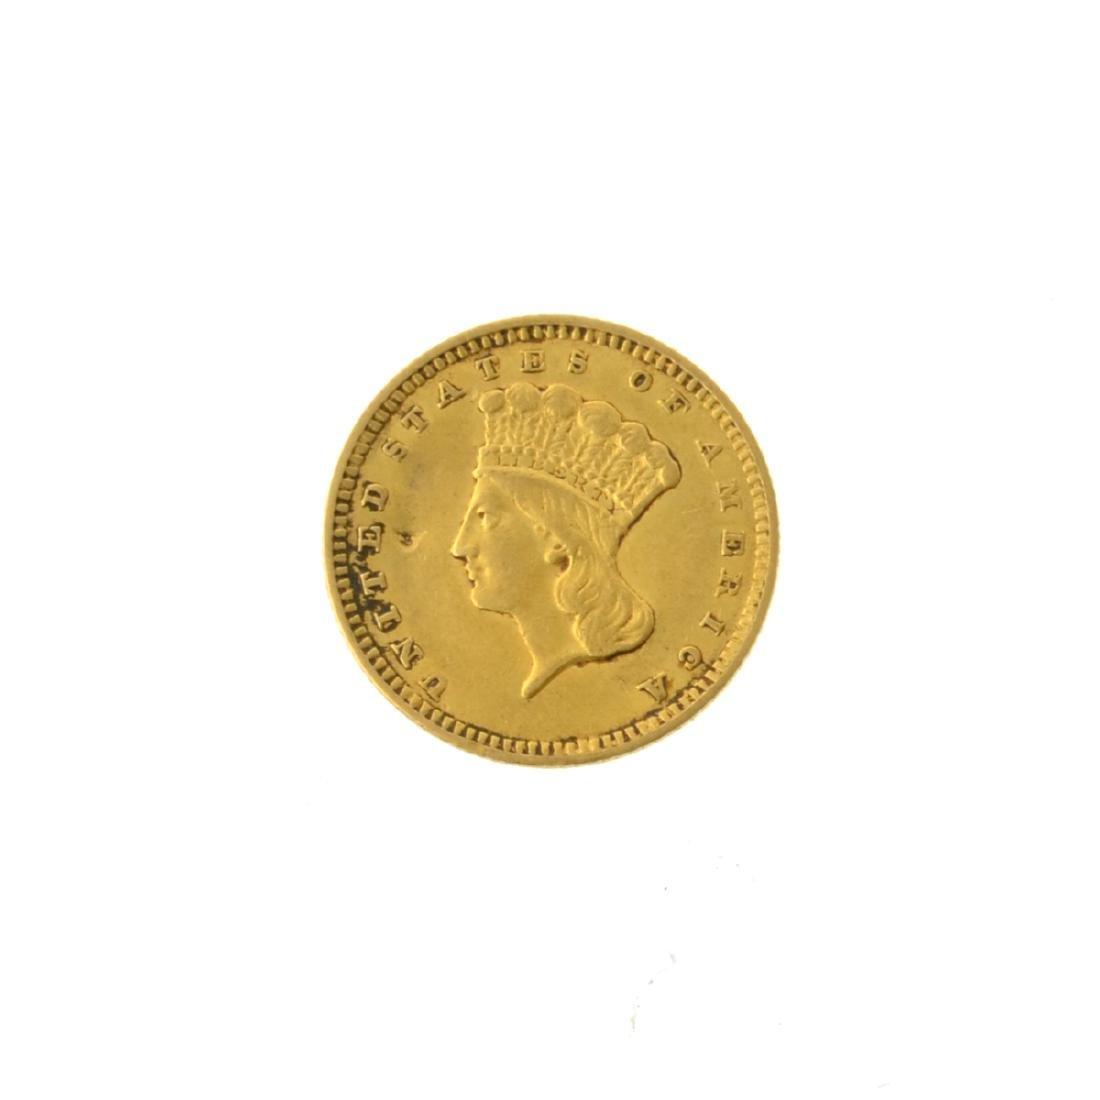 *1856 $1 U.S. Indian Gold Coin (JG-MRT)